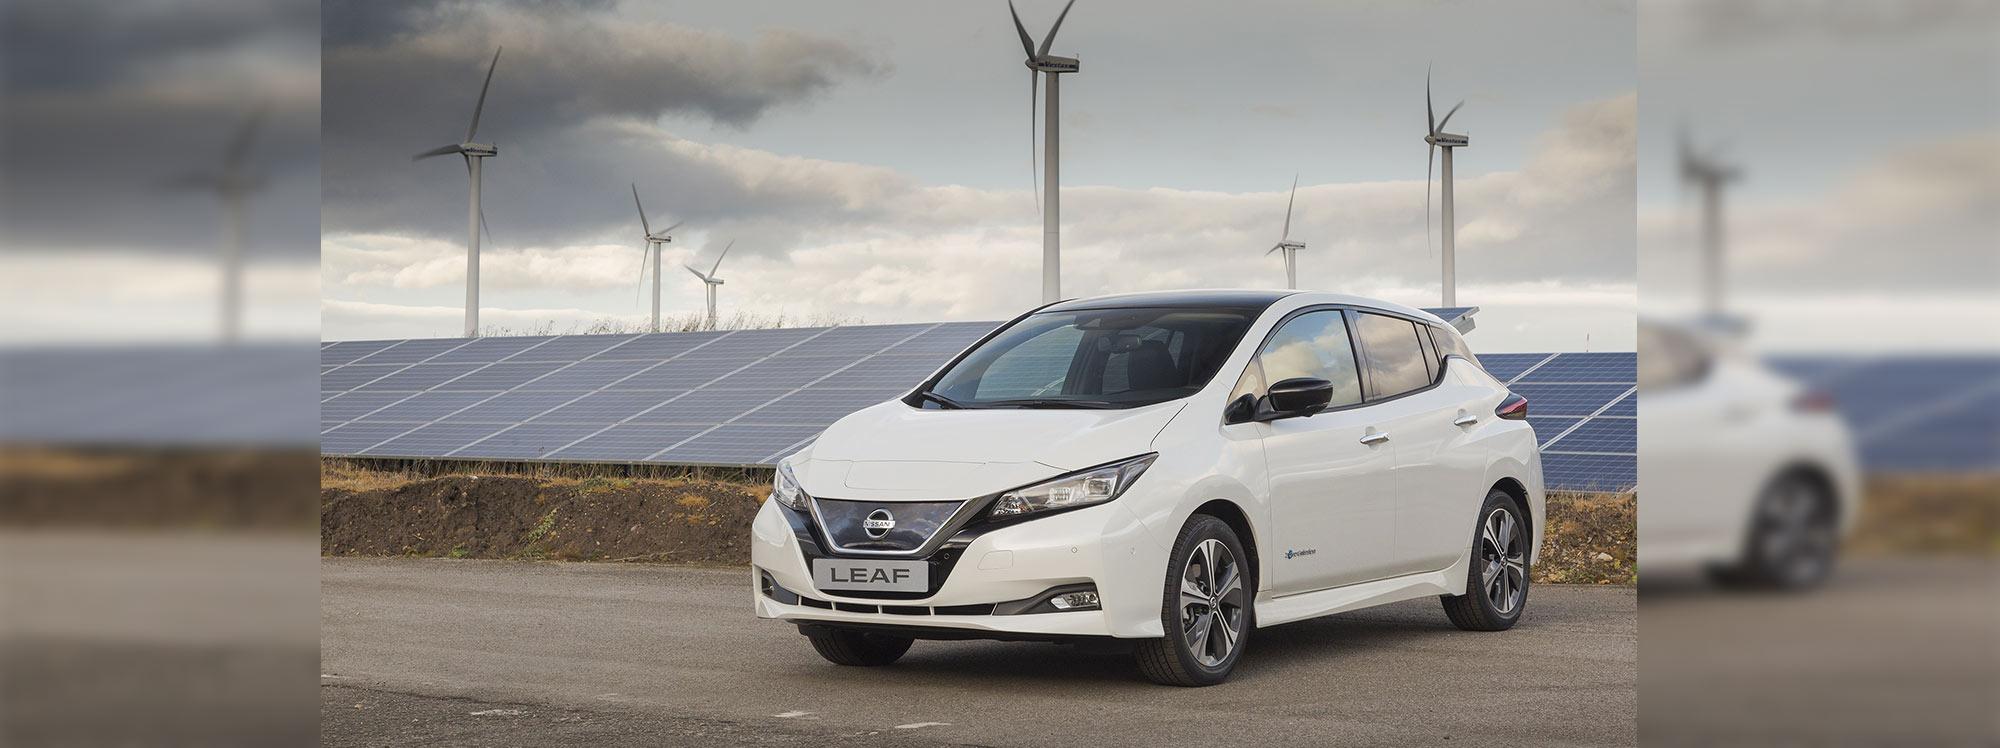 Nissan mantiene su compromiso con la sostenibilidad ambiental